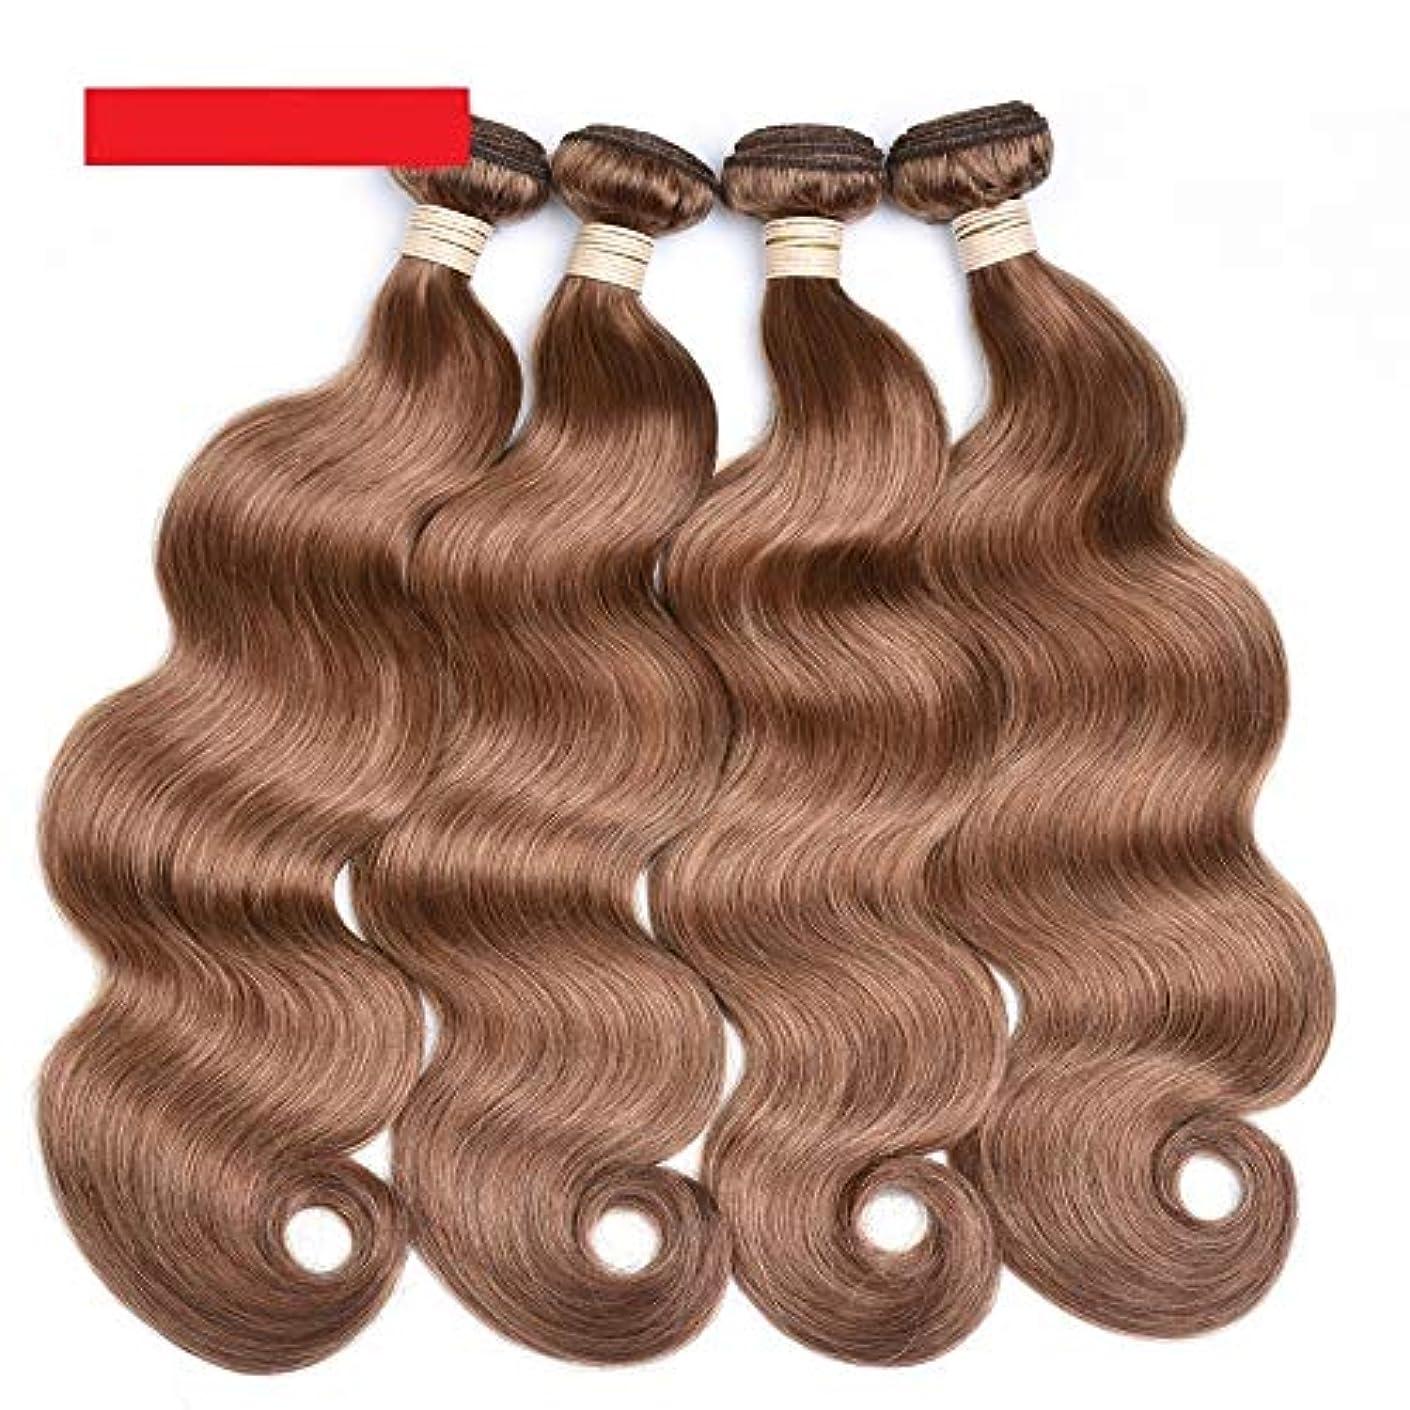 カートリッジサーバ切り刻むWASAIO 人毛ウィッグエクステンション1バンドル横糸織り#30ブラウン色(8「-28」、100グラム/個) (色 : ブラウン, サイズ : 12 inch)